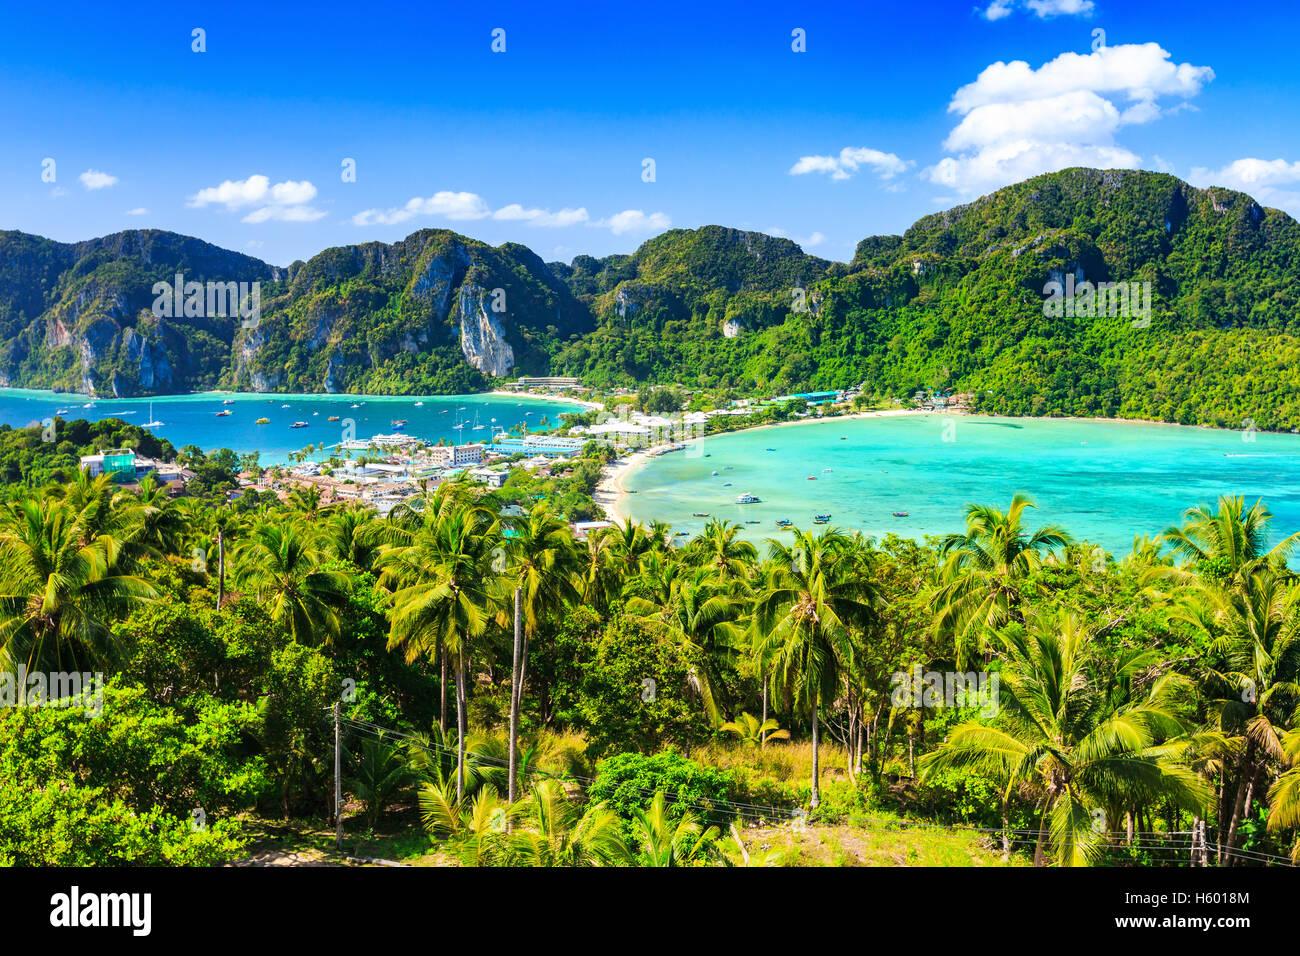 Tailandia, la isla de Phi Phi Don, de la provincia de Krabi. Imagen De Stock